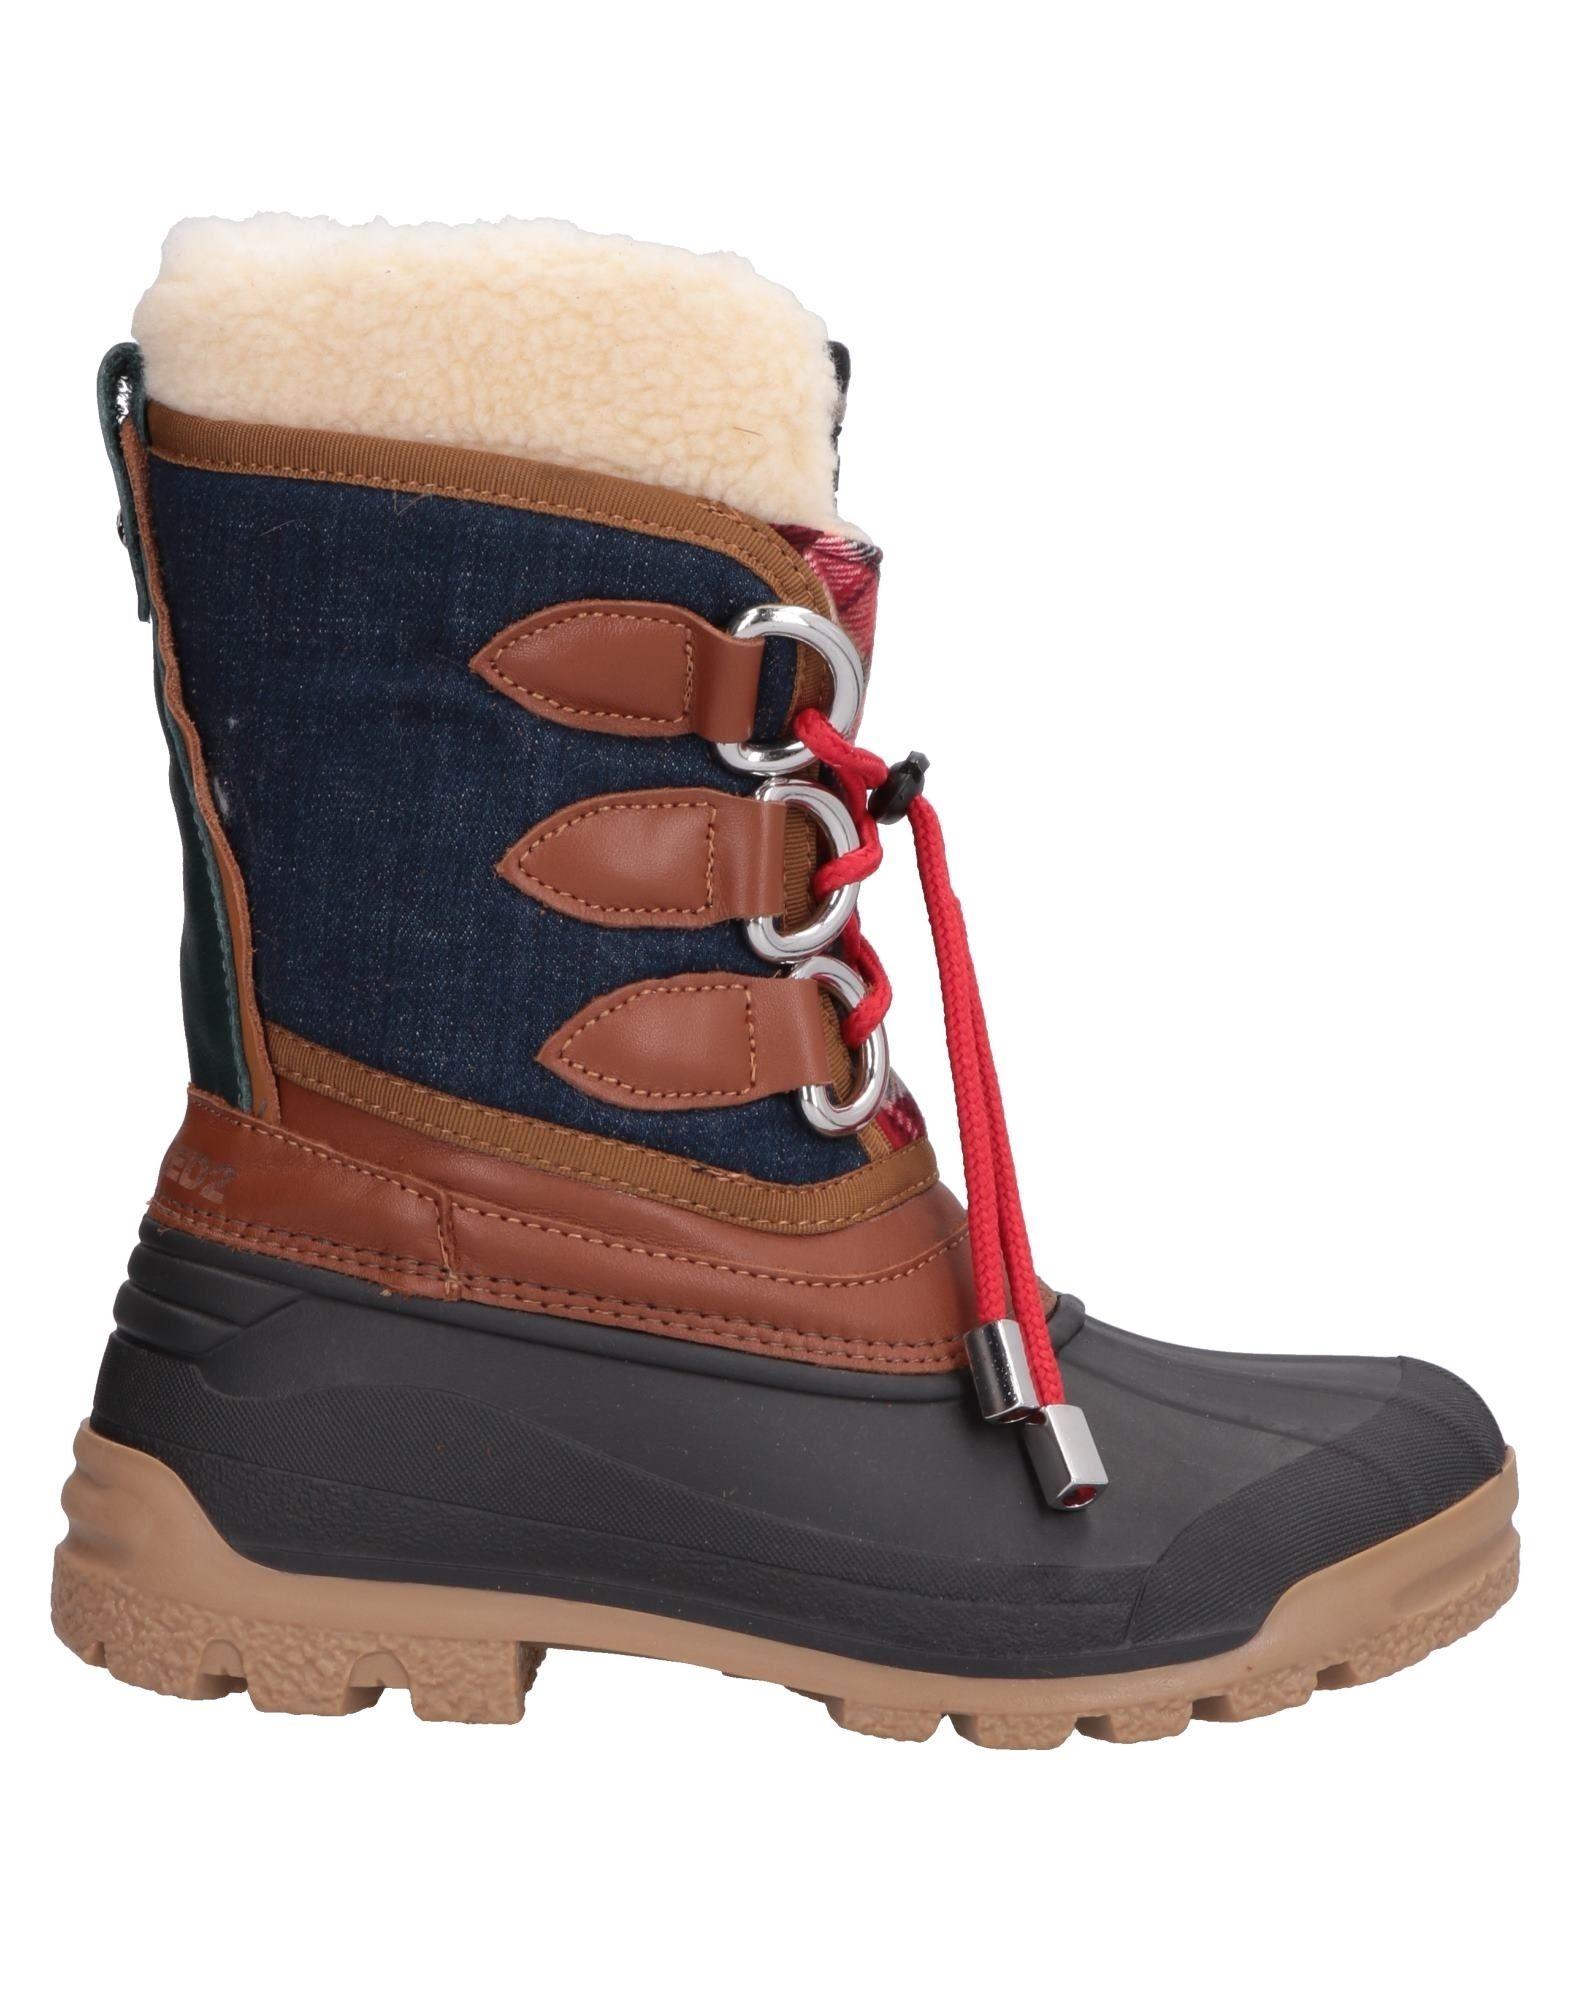 Bottine Dsquared2 Femme - Bottines Dsquared2 Noir Nouvelles chaussures pour hommes et femmes, remise limitée dans le temps